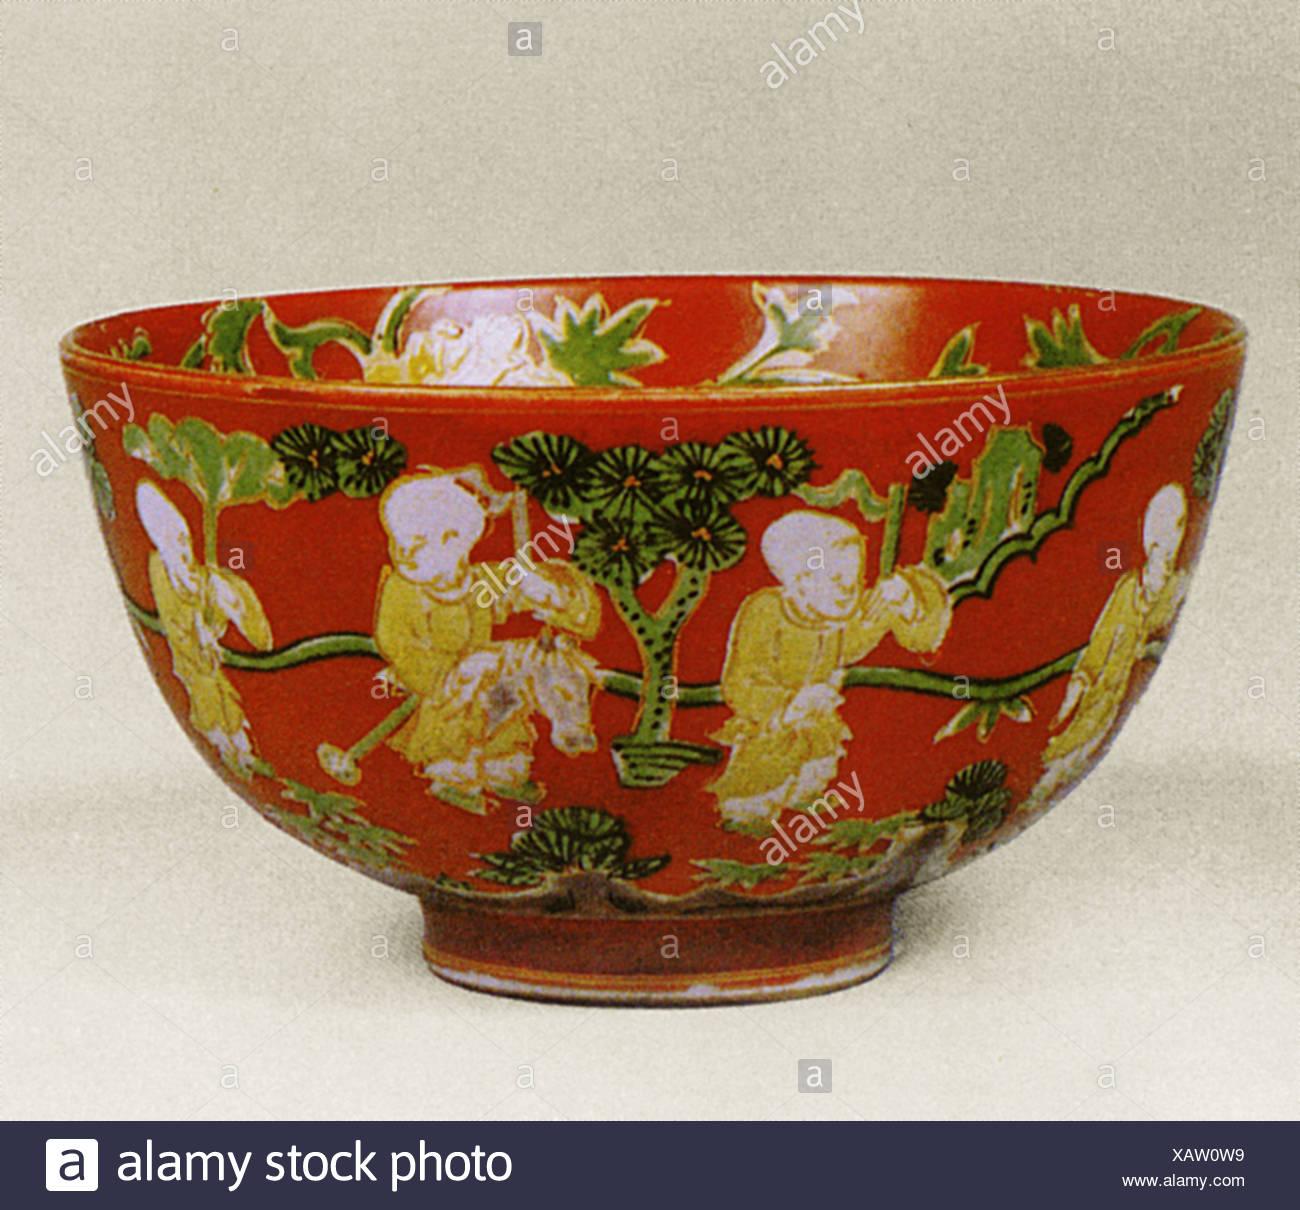 China Bowl Con Pintura Sobre Los Antiguos Muchachos Jugando Juegos